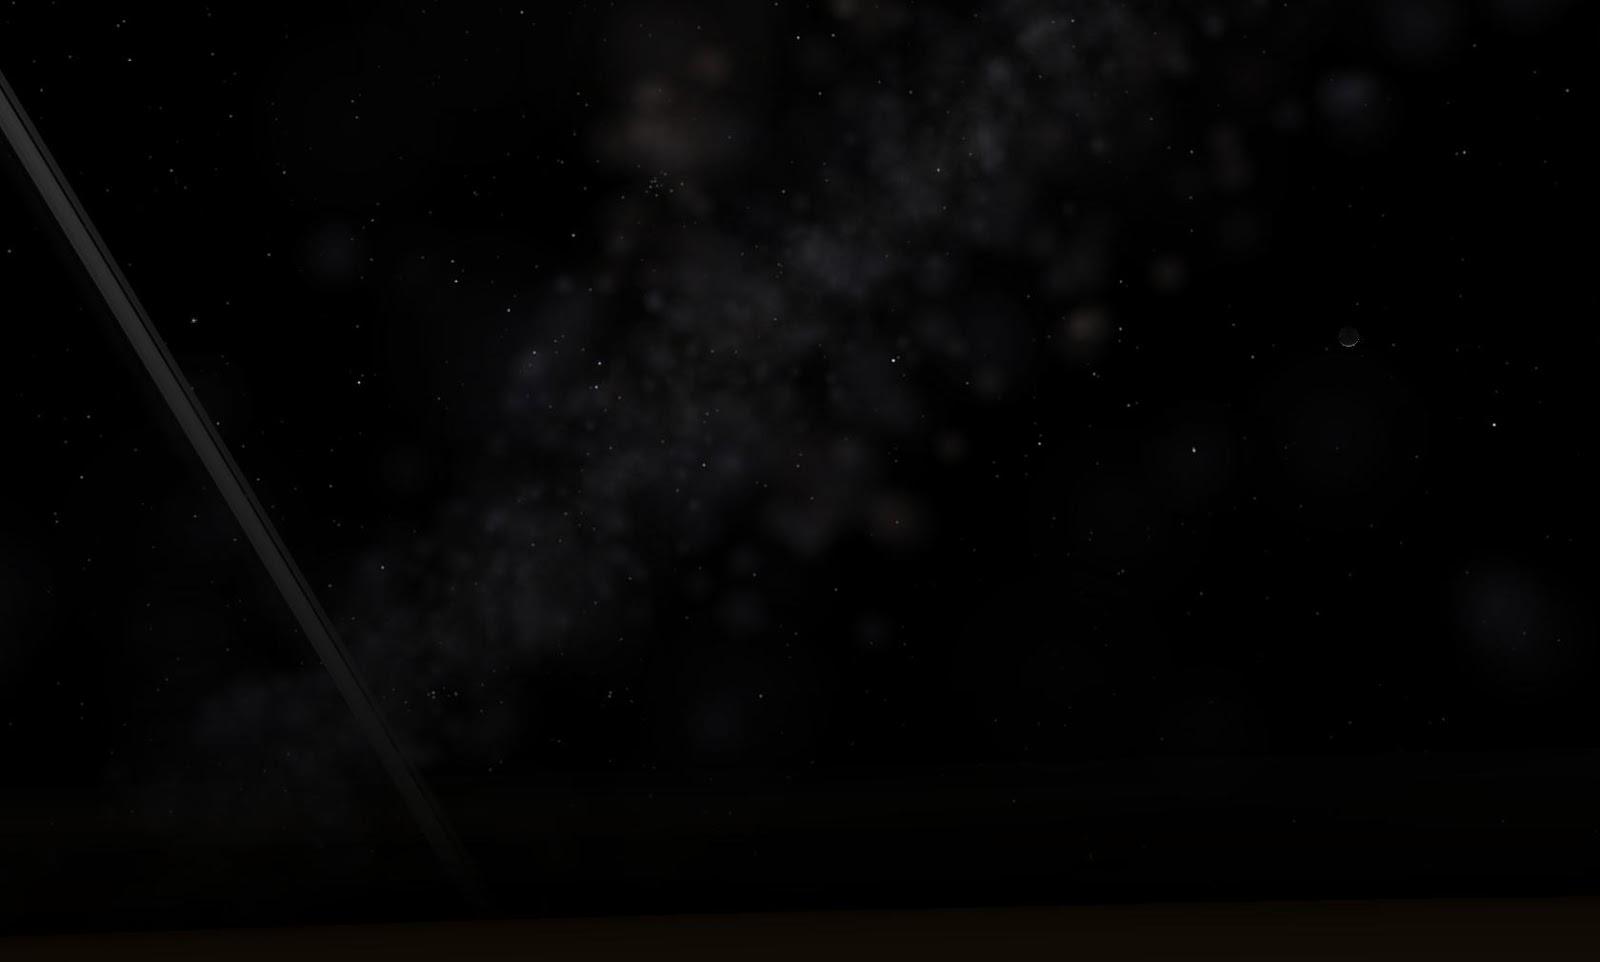 Mặt Trăng của Trái Đất cùng vành đai của hành tinh Thổ và dải Ngân Hà khi nhìn từ ngoài không gian. Tác giả : John Brady ở Astronomy Central trên mạng xã hội Reddit.